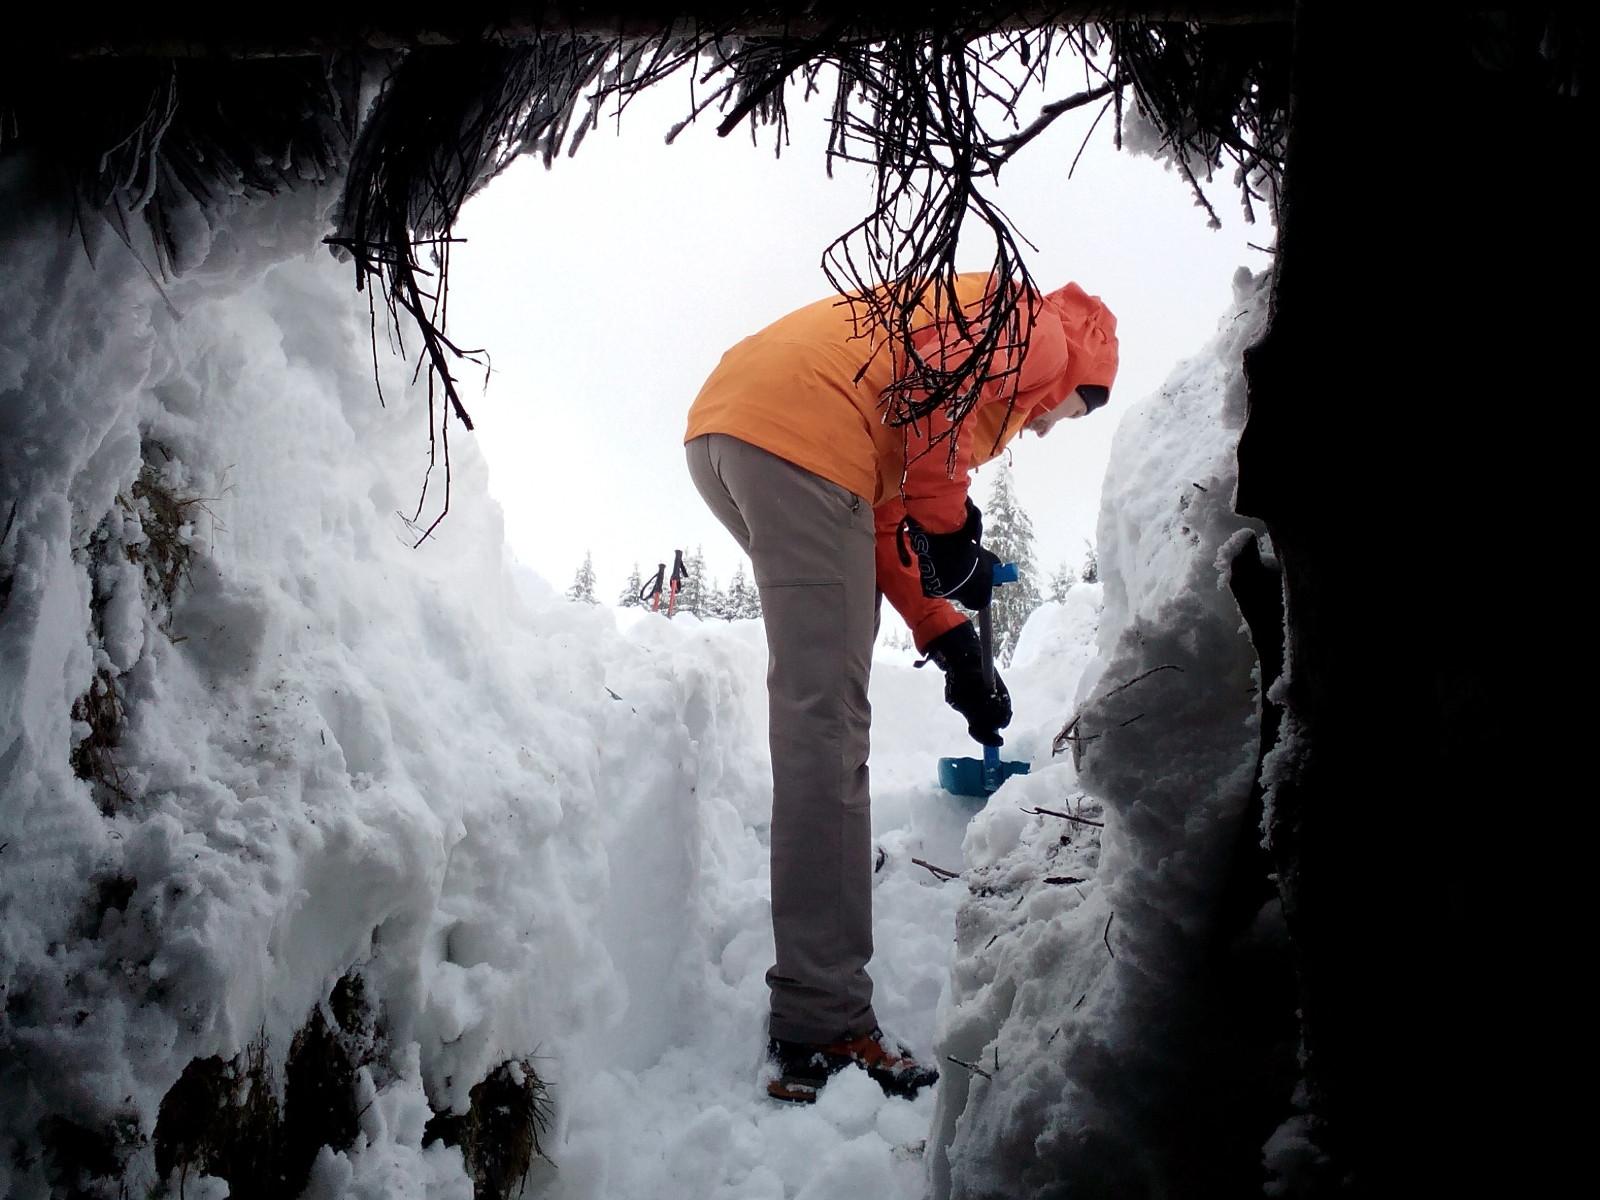 Tra sous la neige - Banne d'Ordanche - Massif du Sancy - Puy-de-Dôme - Auvergne